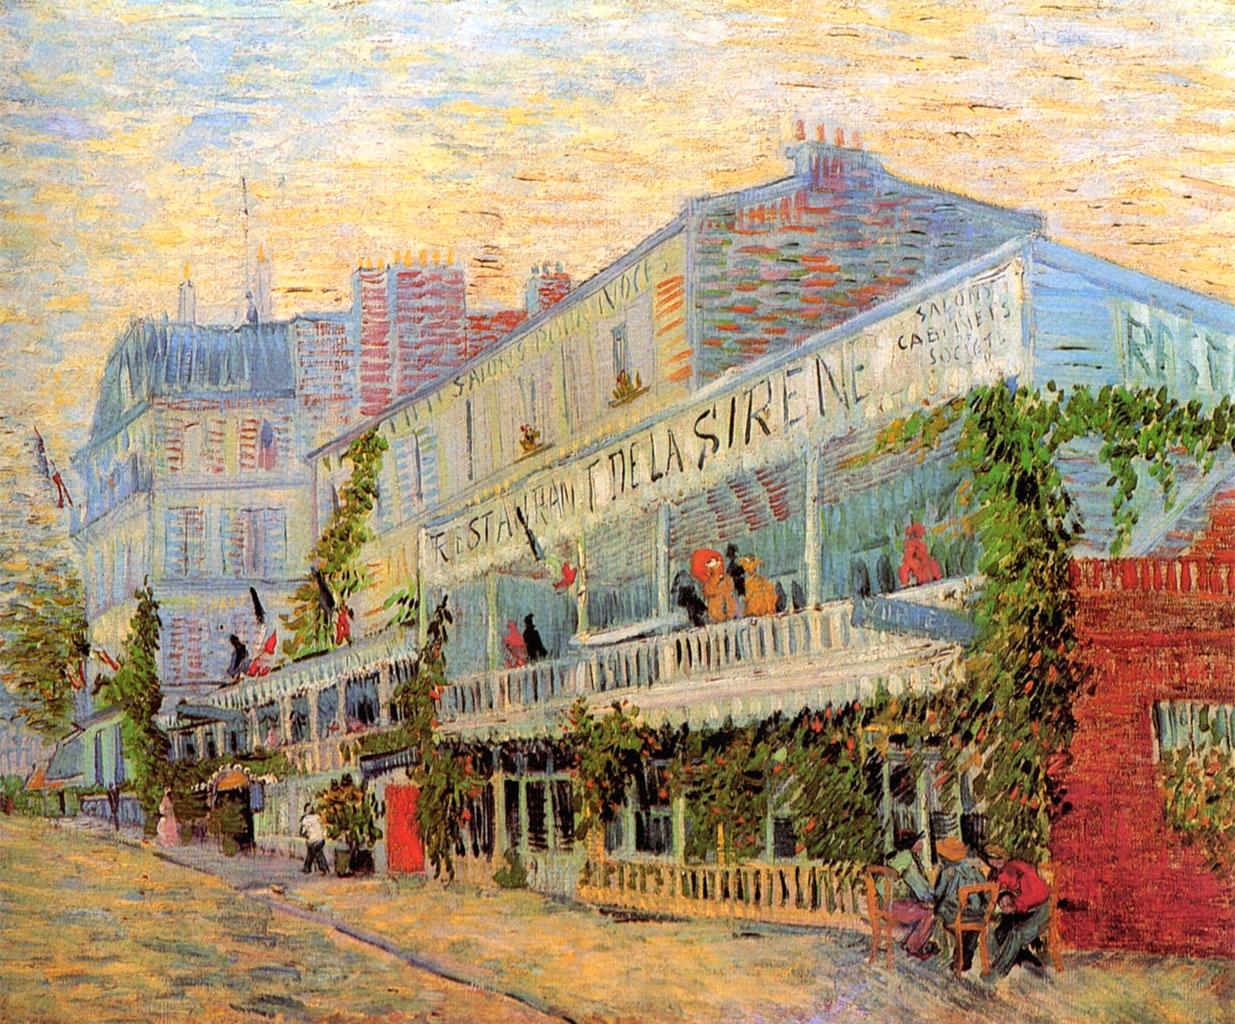 Van Gogh: Restaurant de la Sirène ad Asnières (1887)